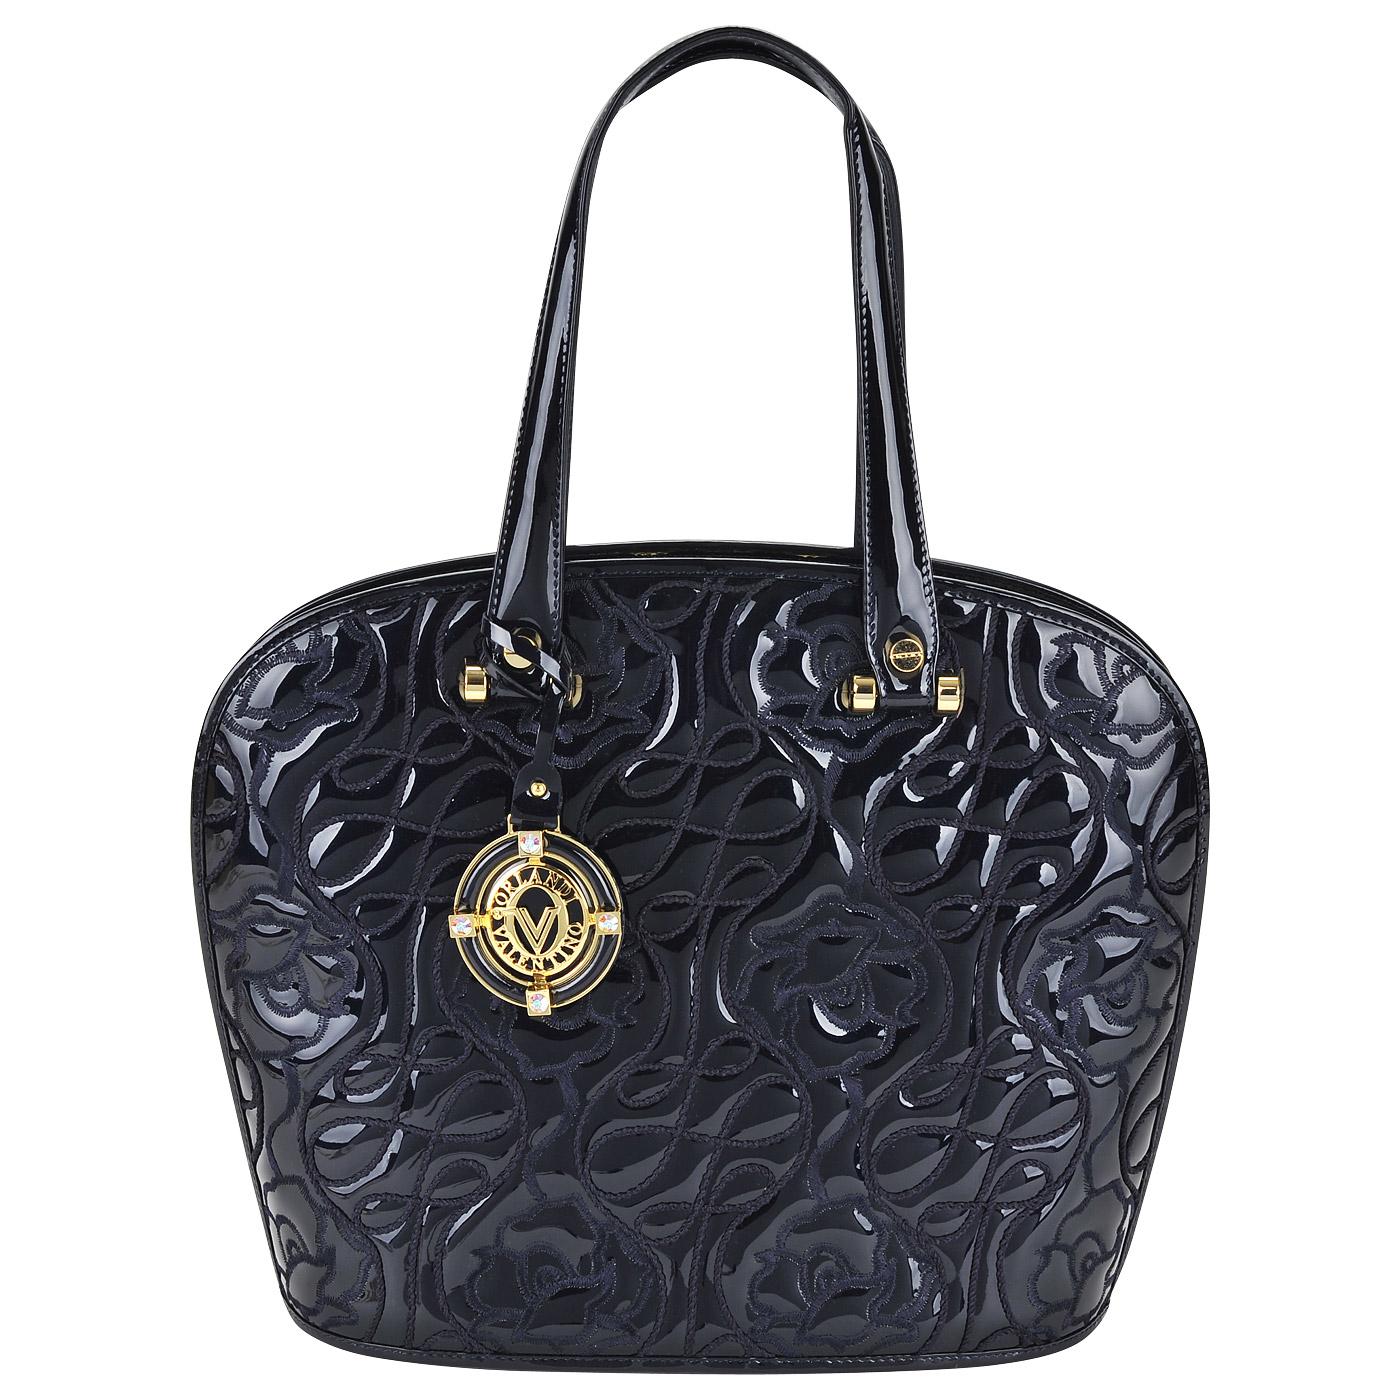 88d2b507beec Женская лаковая синяя сумка с цветочным узором Valentino Orlandi Gemma